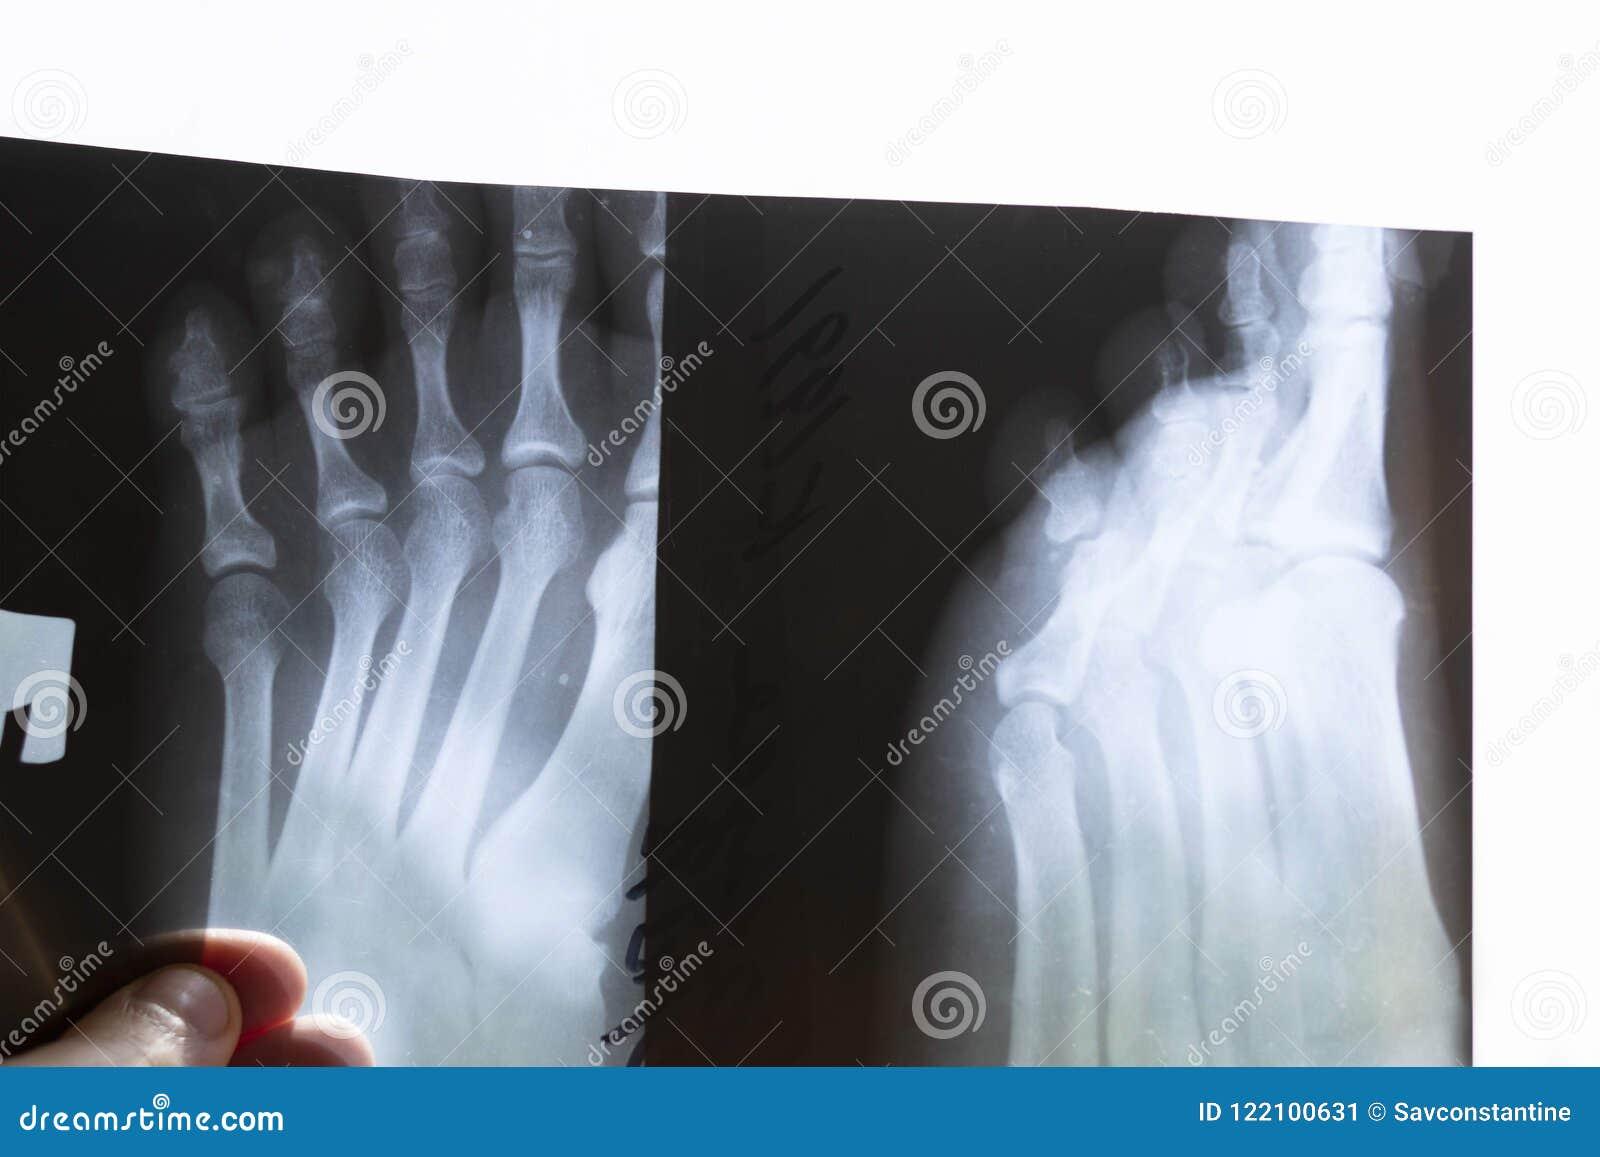 Broken leg.